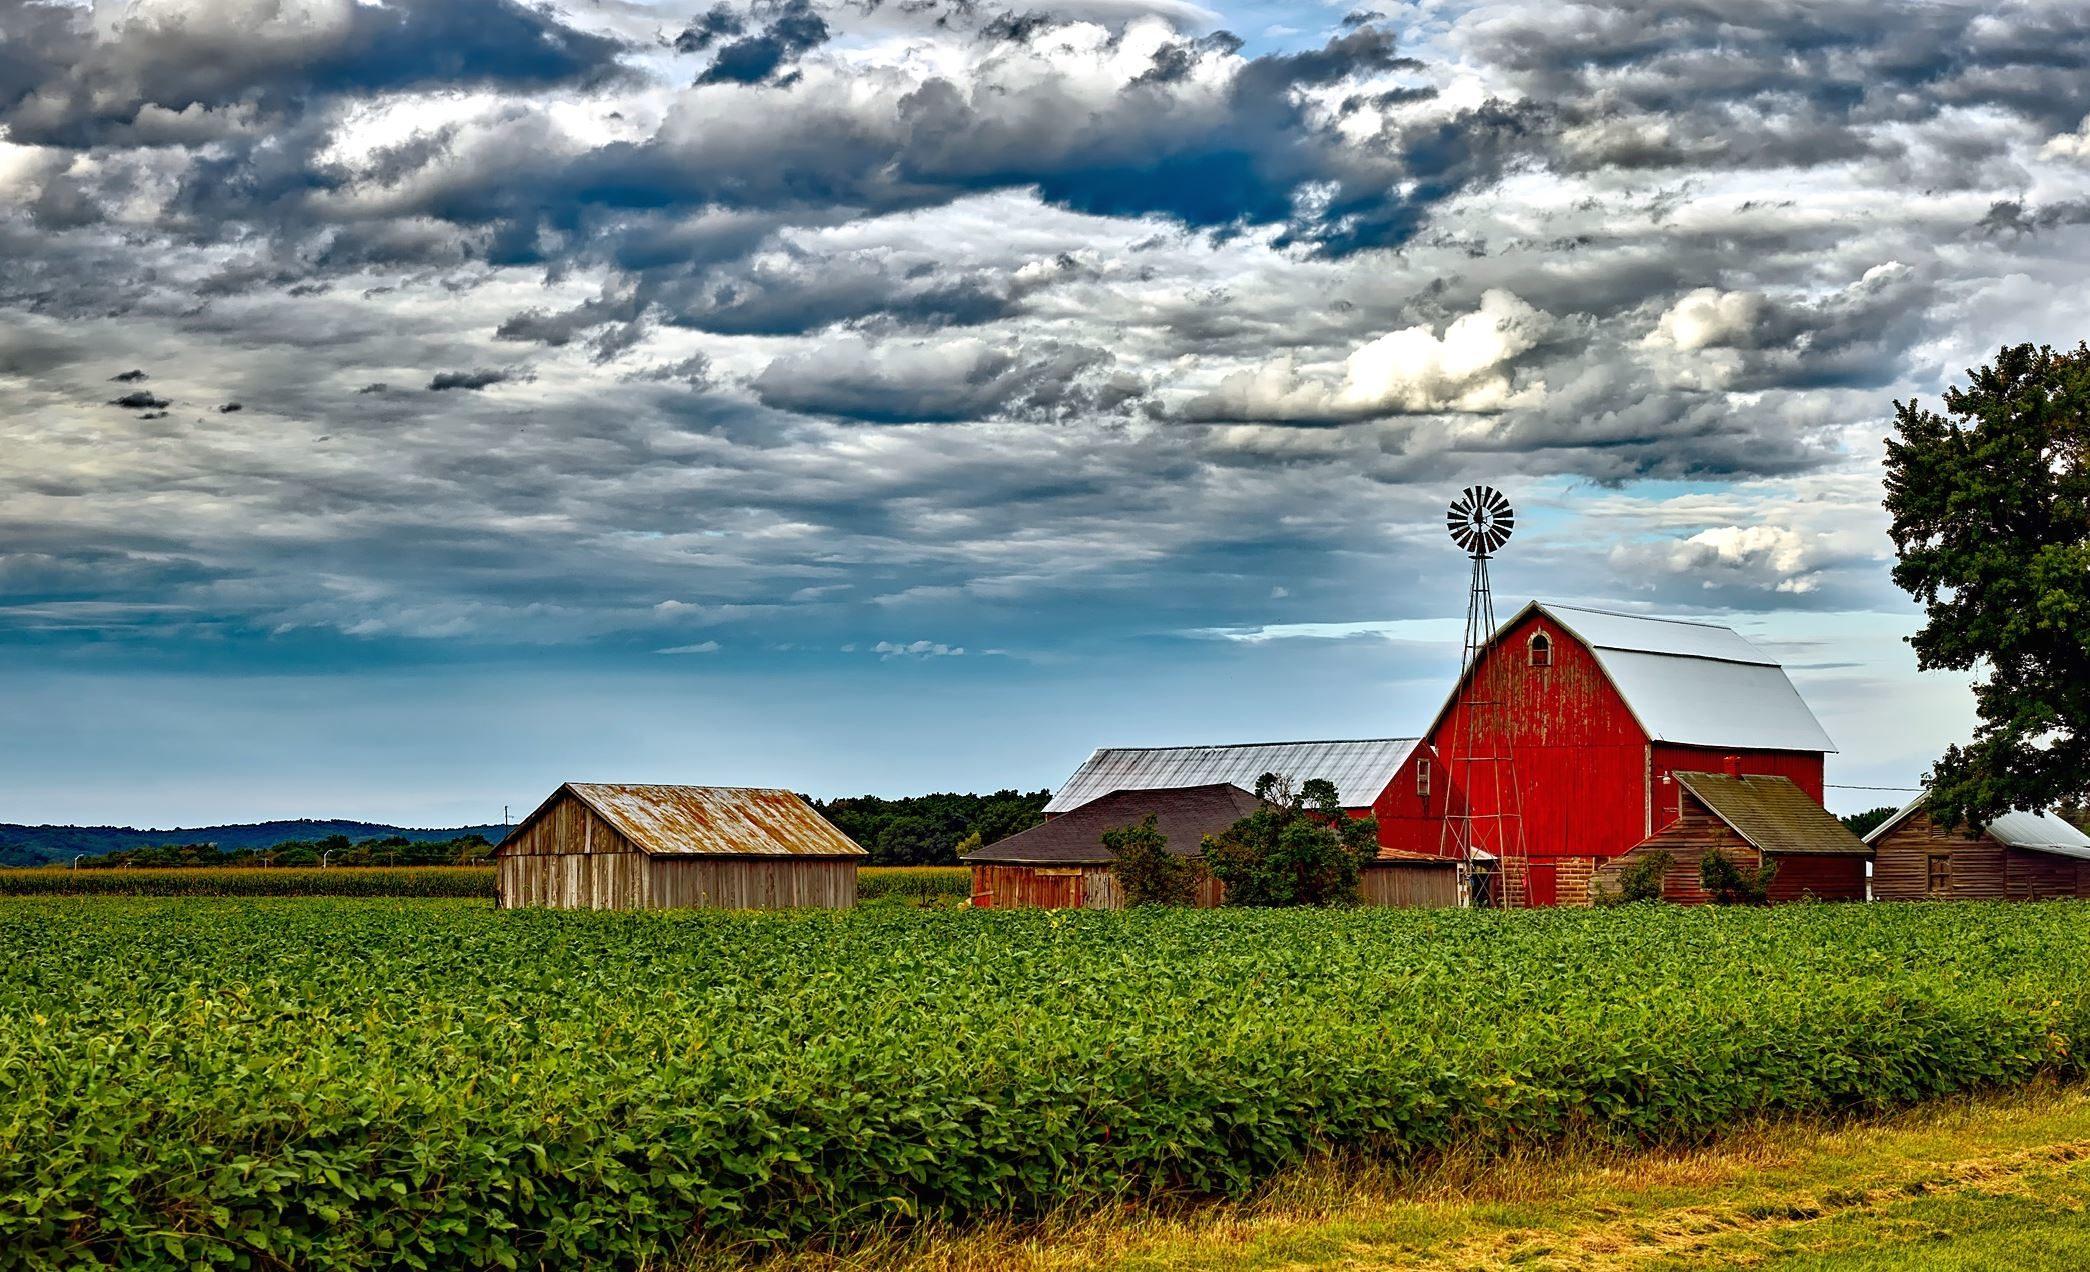 картинка крестьянское фермерское хозяйство трактористы годен, отсоси